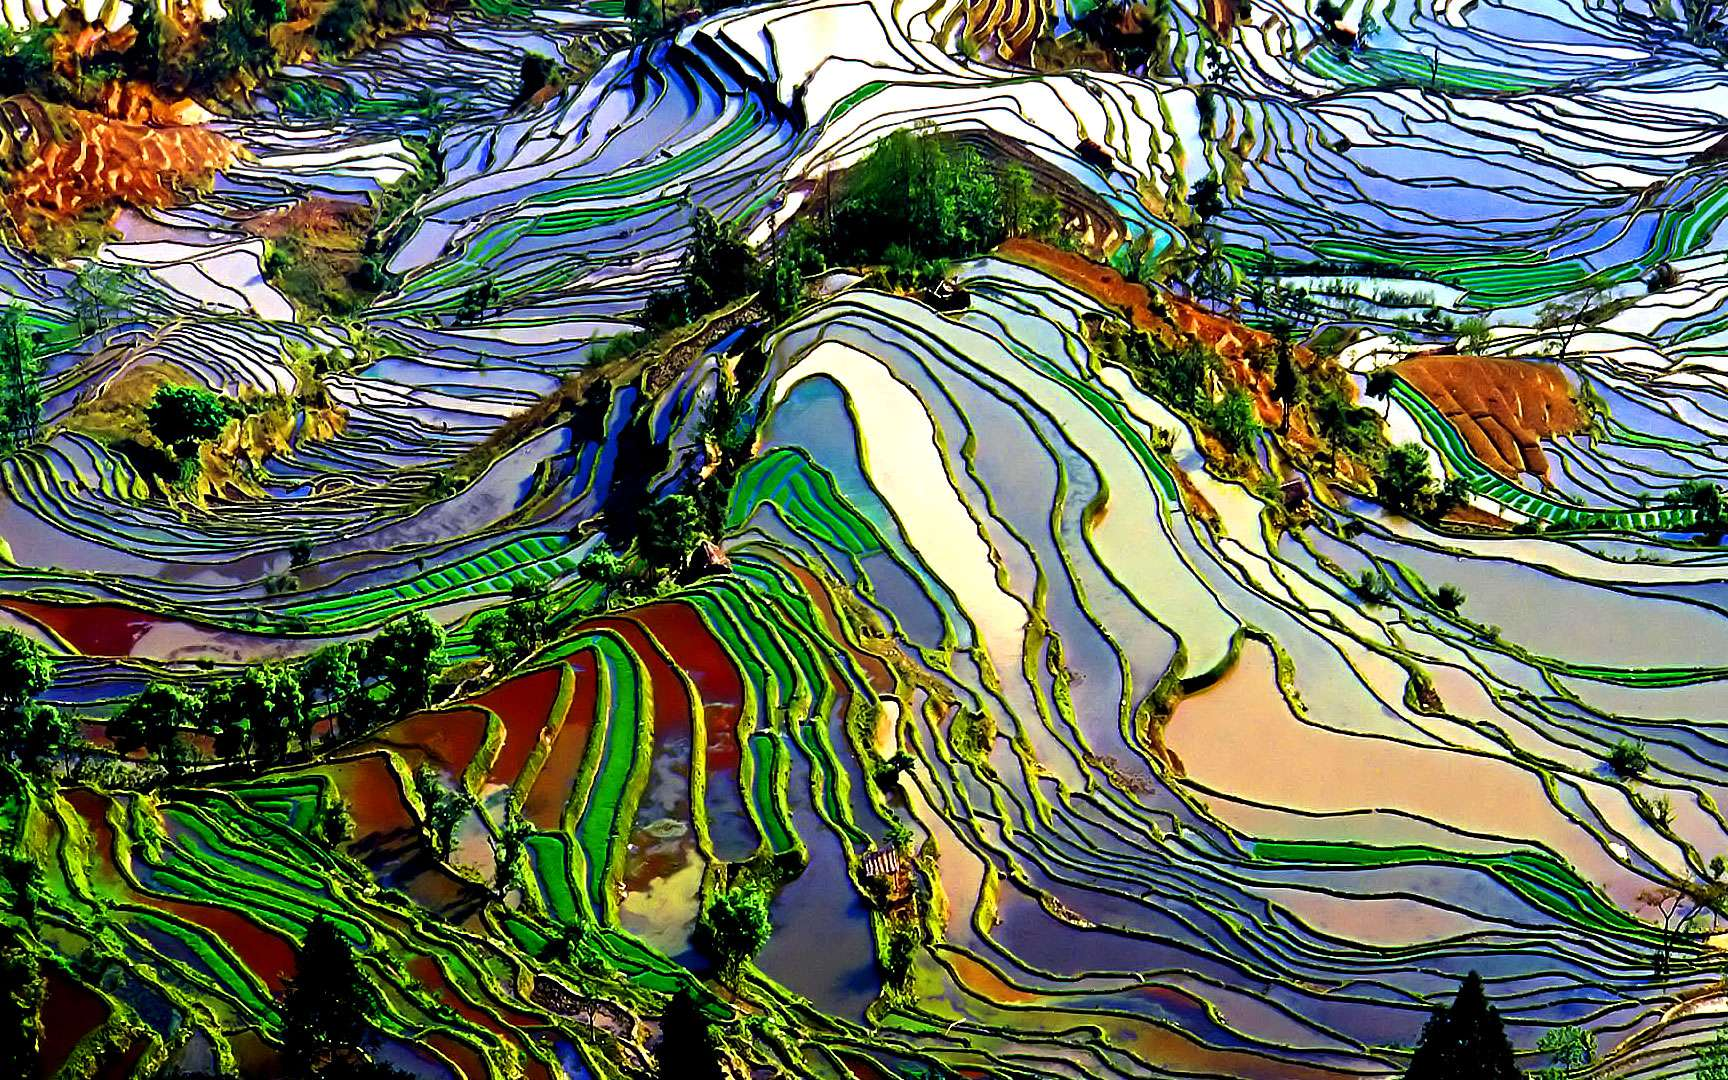 Le développement de l'agriculture et des rizières sur Terre. Rizières en cultures étagées pour profiter au maximum du terrain en dépit d'un relief important : non seulement l'Homme cultive mais il aménage aussi son espace. © Pengyou91, i-stock